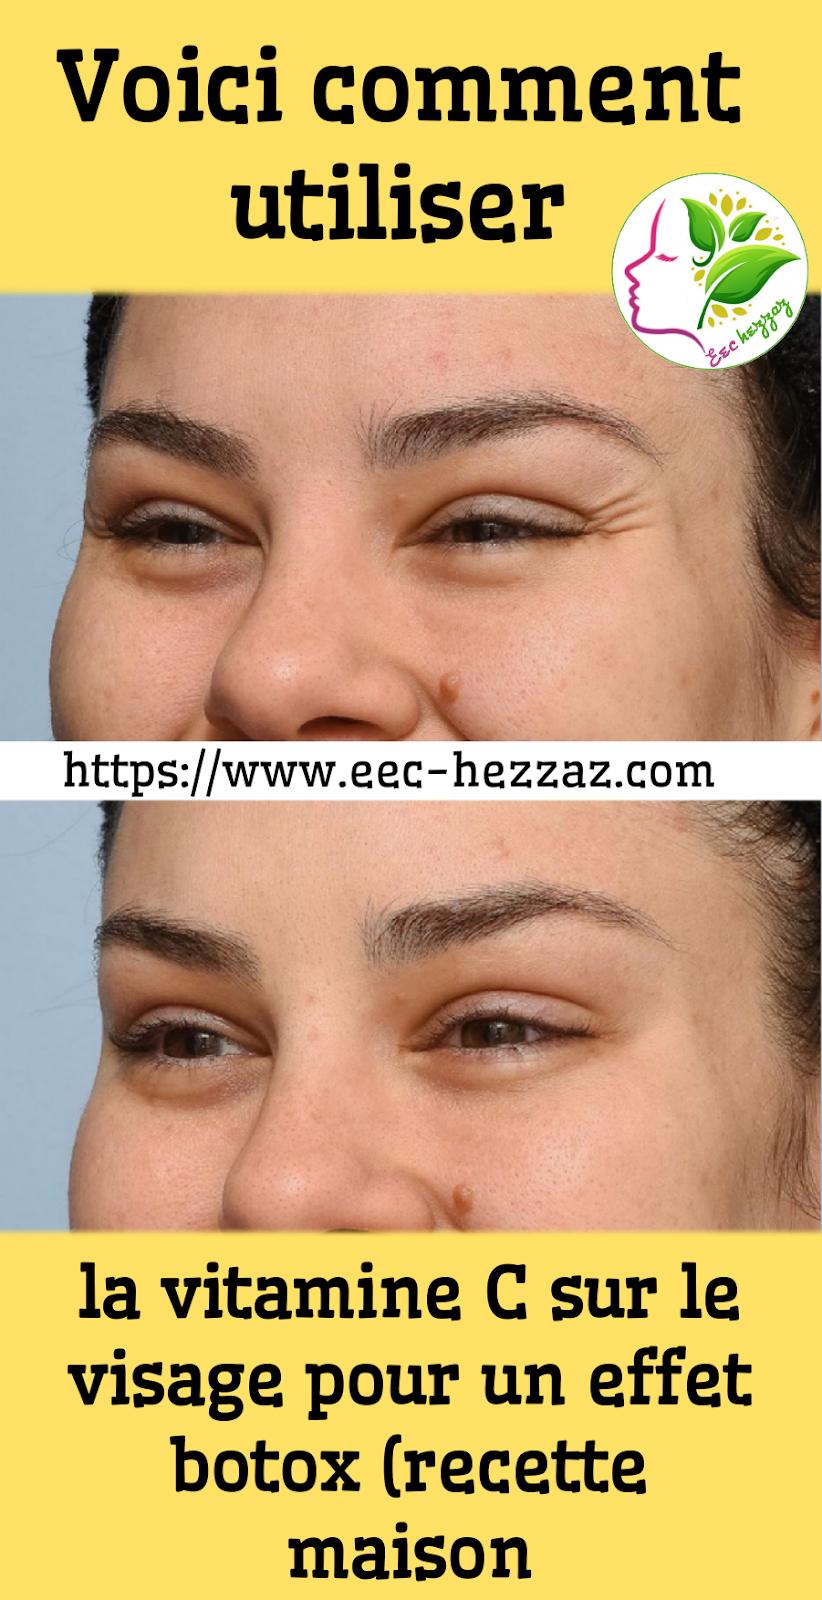 Voici comment utiliser la vitamine C sur le visage pour un effet botox (recette maison